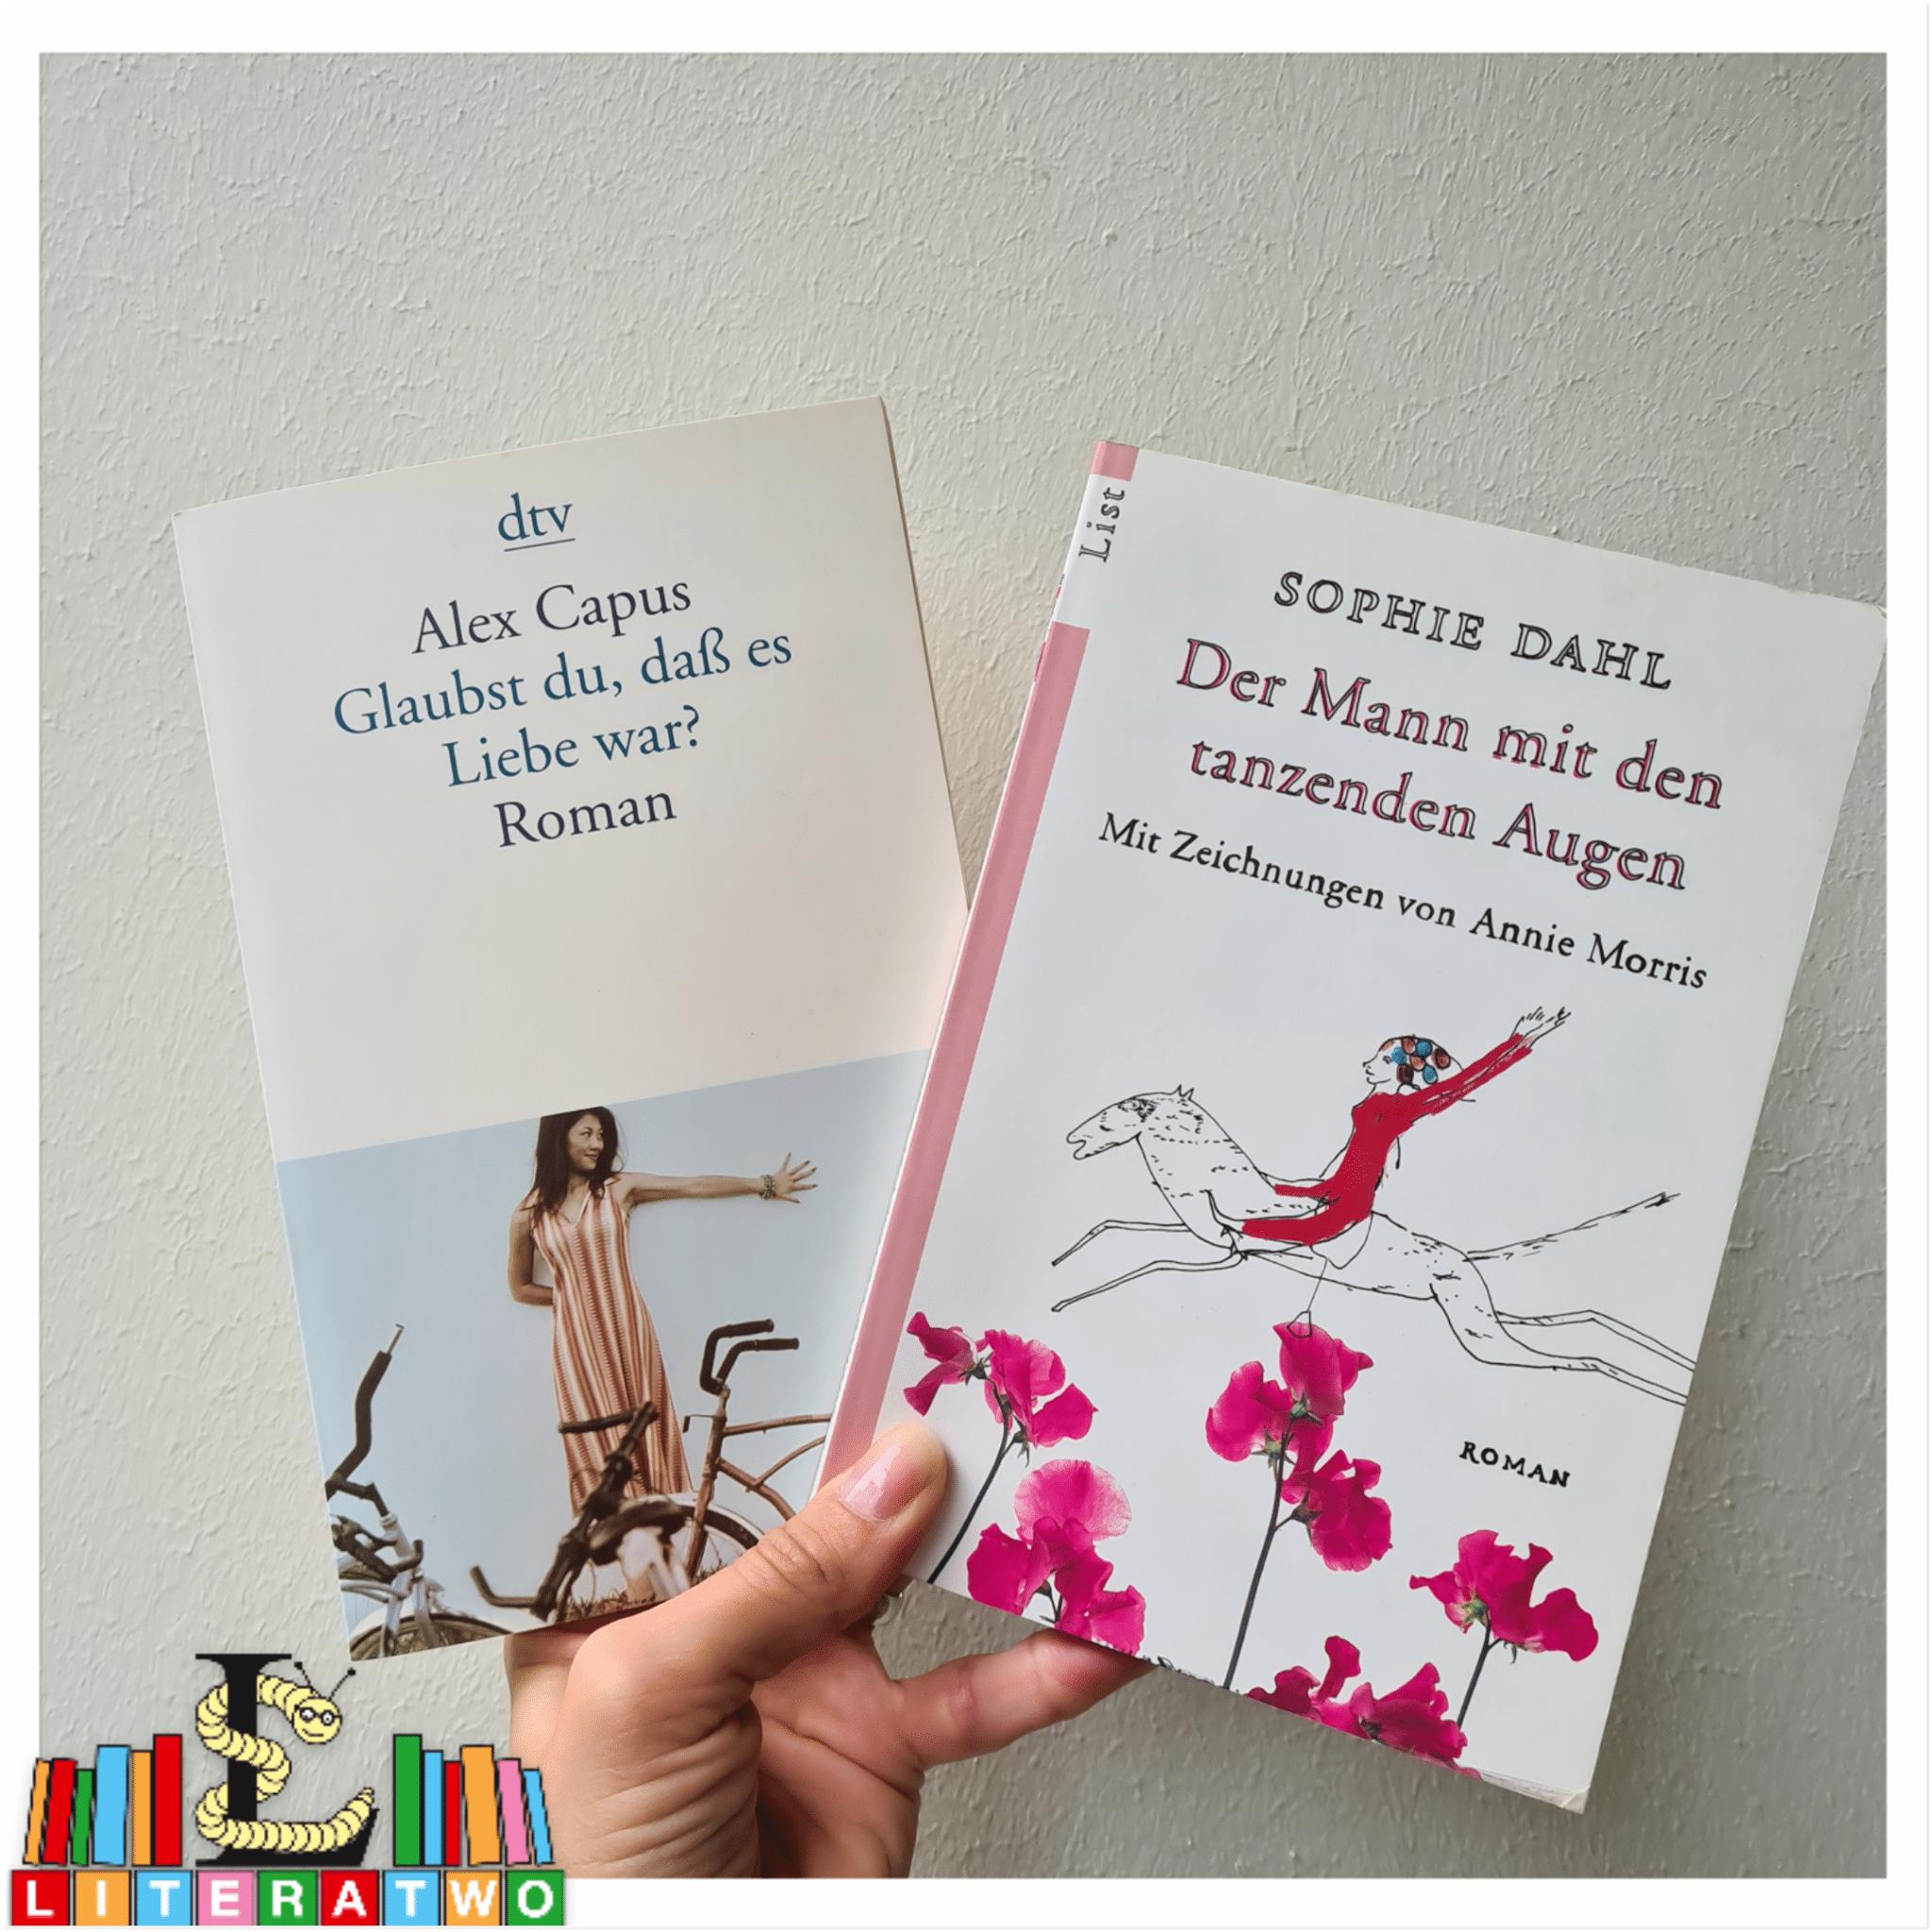 Capus Dahl Zwei Schmale Romane Die Ich Vor Uber 10 Jahren Gelesen Und Fur Mich Besprochen Habe Stelle Ich Jetzt In Unkorri Bucher Finden Buch Tipps Romane